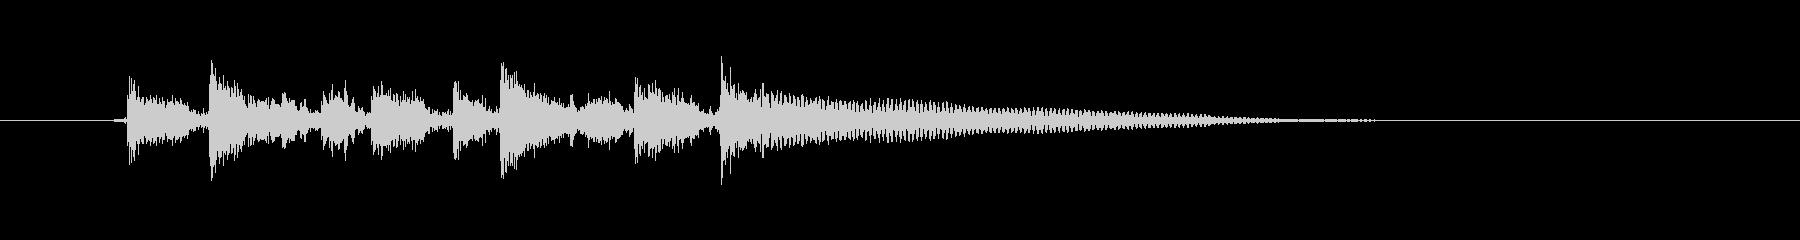 おしゃれなギター音(弦、弾く)の未再生の波形